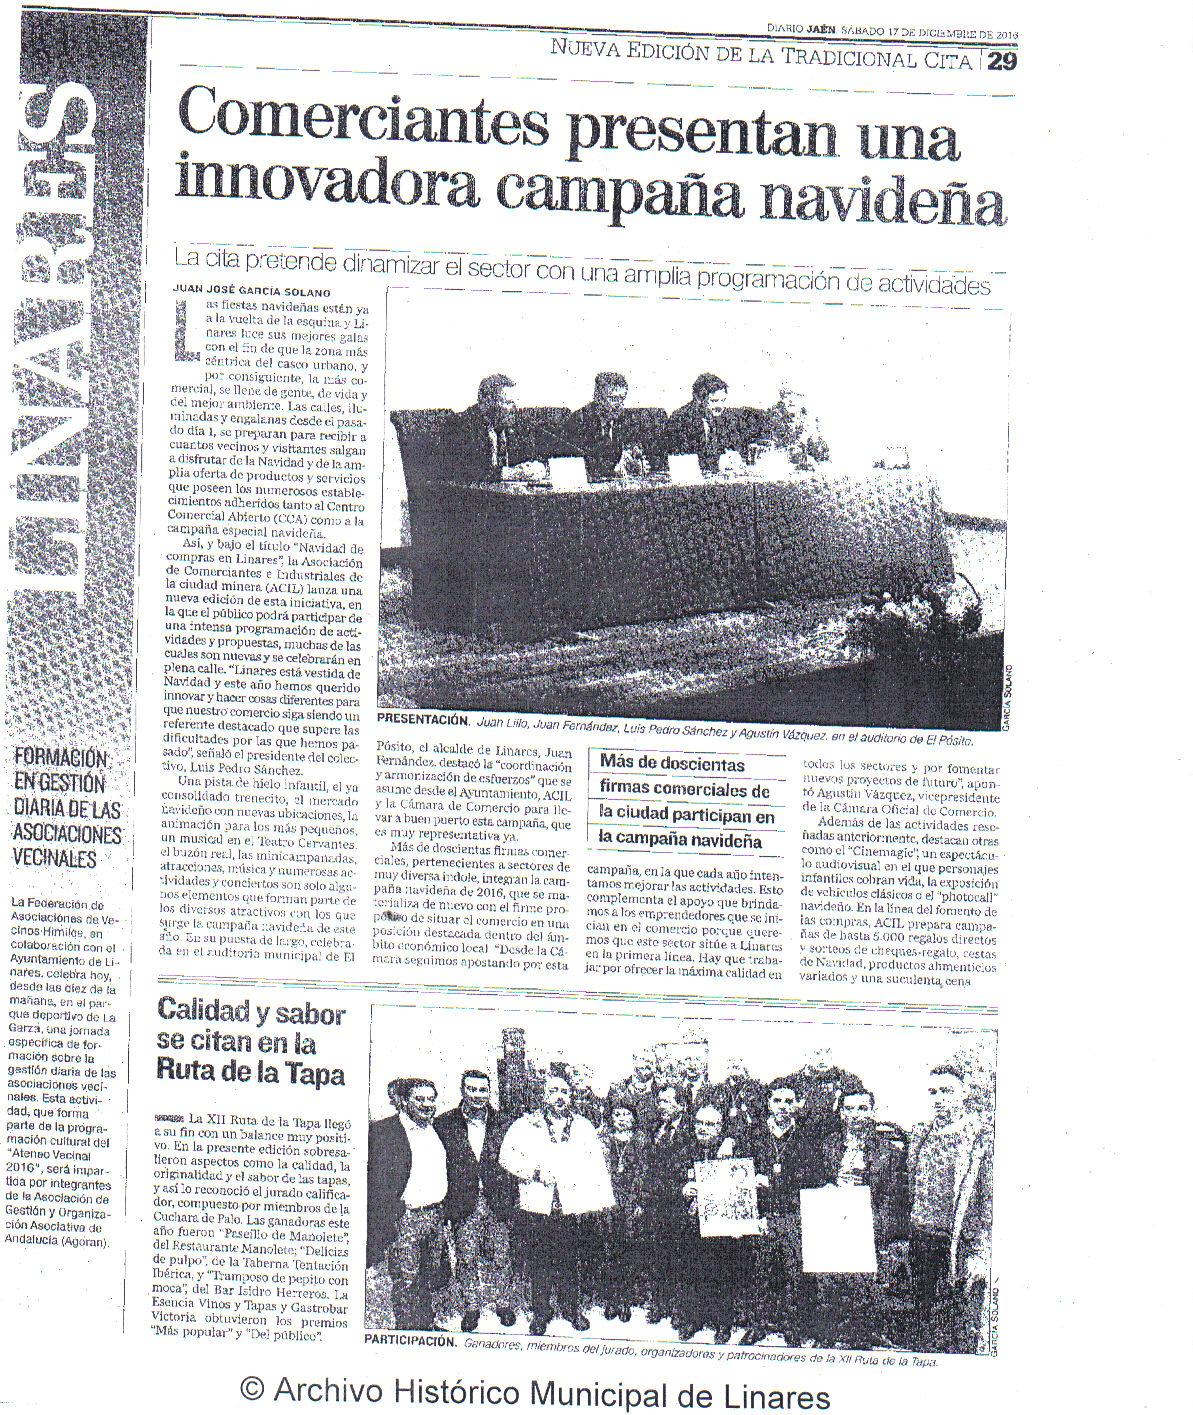 prensa-diario-jaen-19-diciembre